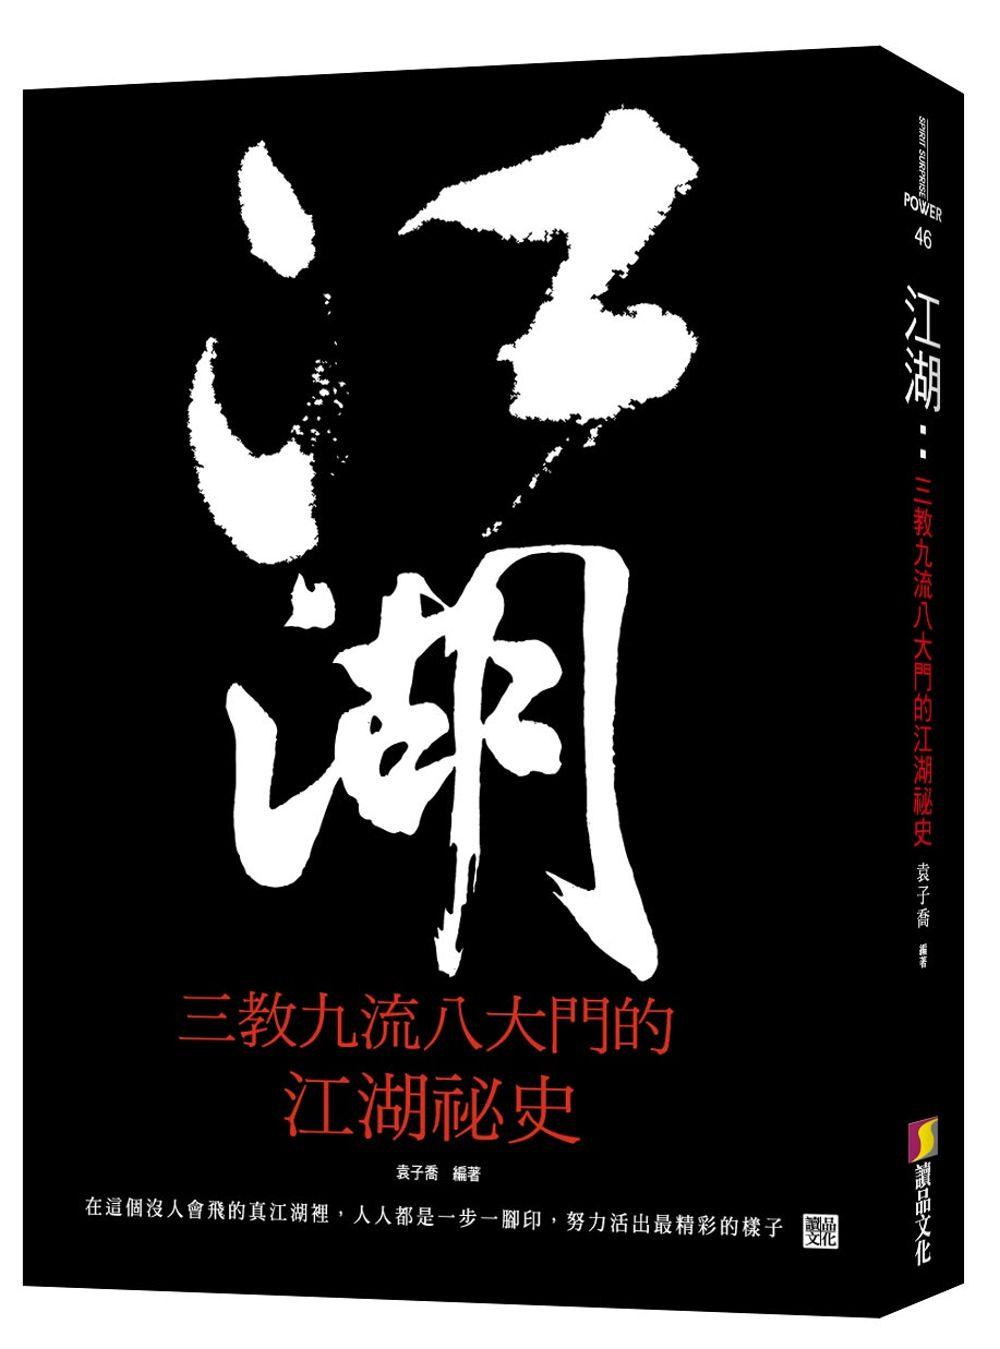 江湖:三教九流八大門的江湖祕史